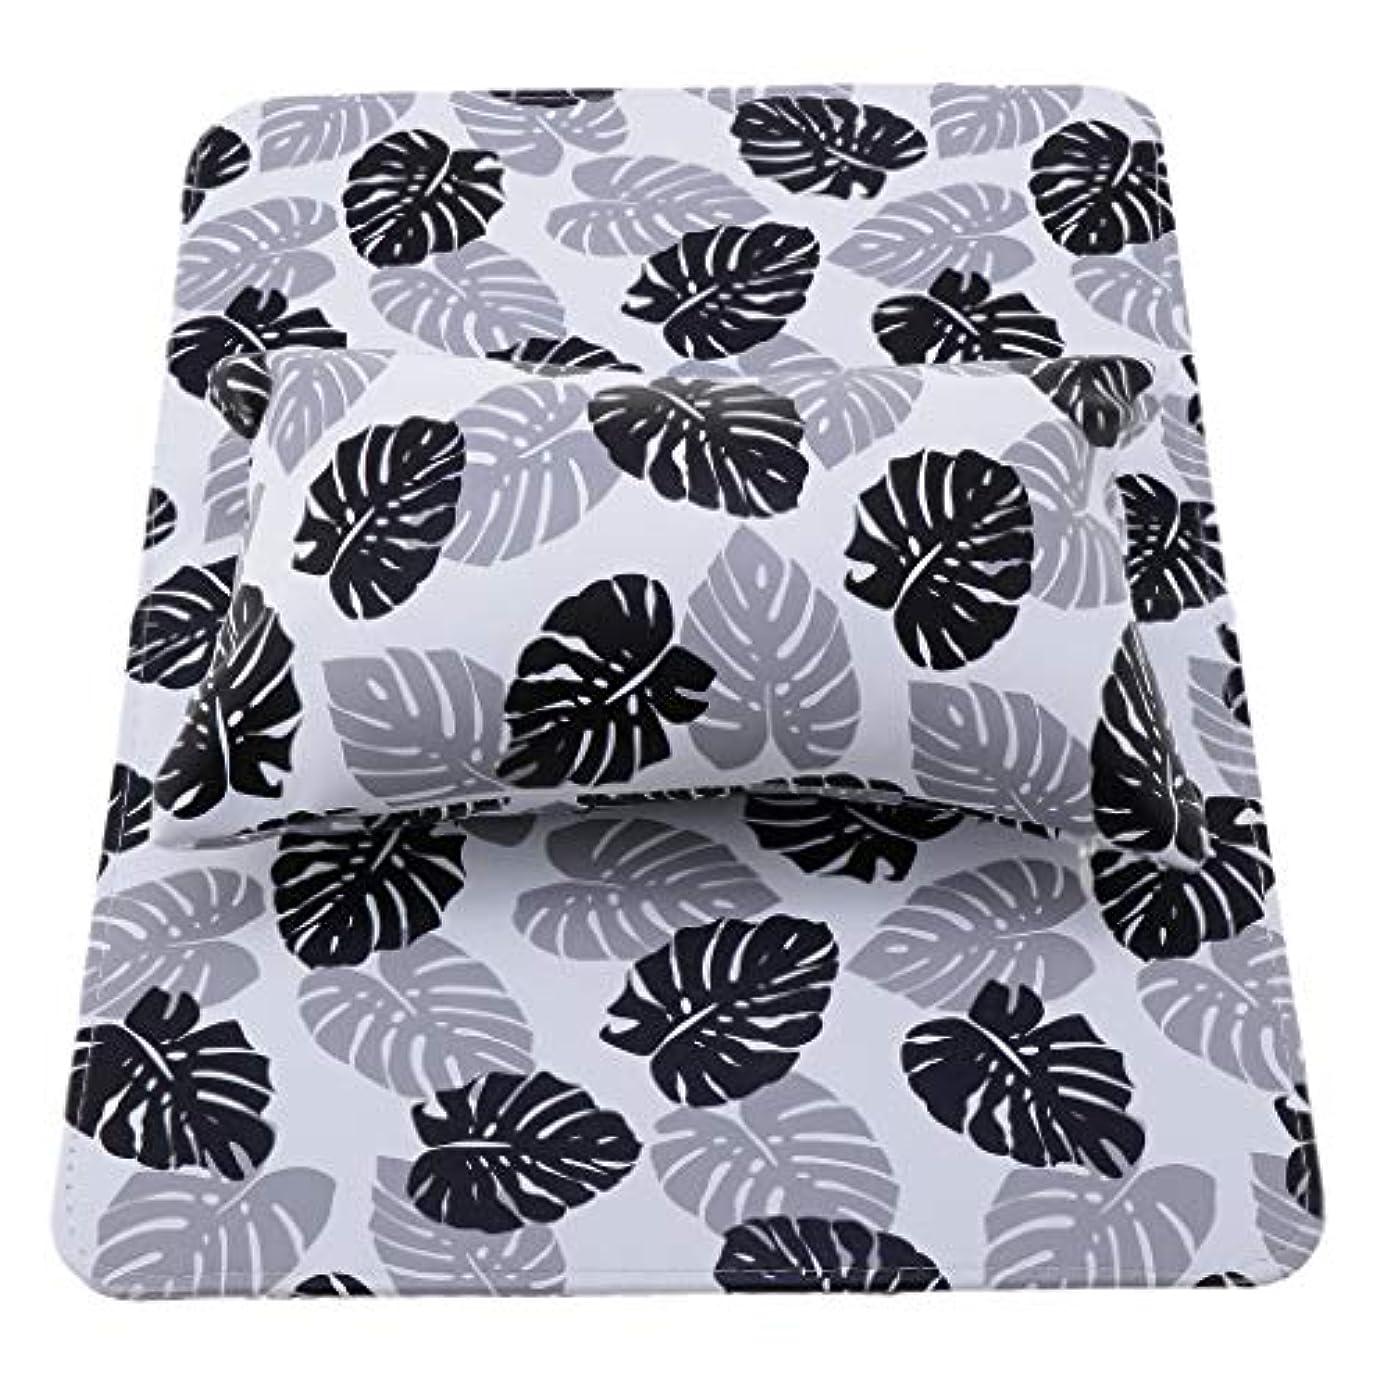 花輪重くする織るPerfeclan ネイルアートハンドピロー ハンドピローパッド ネイルアートクッション 可能な洗える 折りたたみ式 全3色 - ブラック